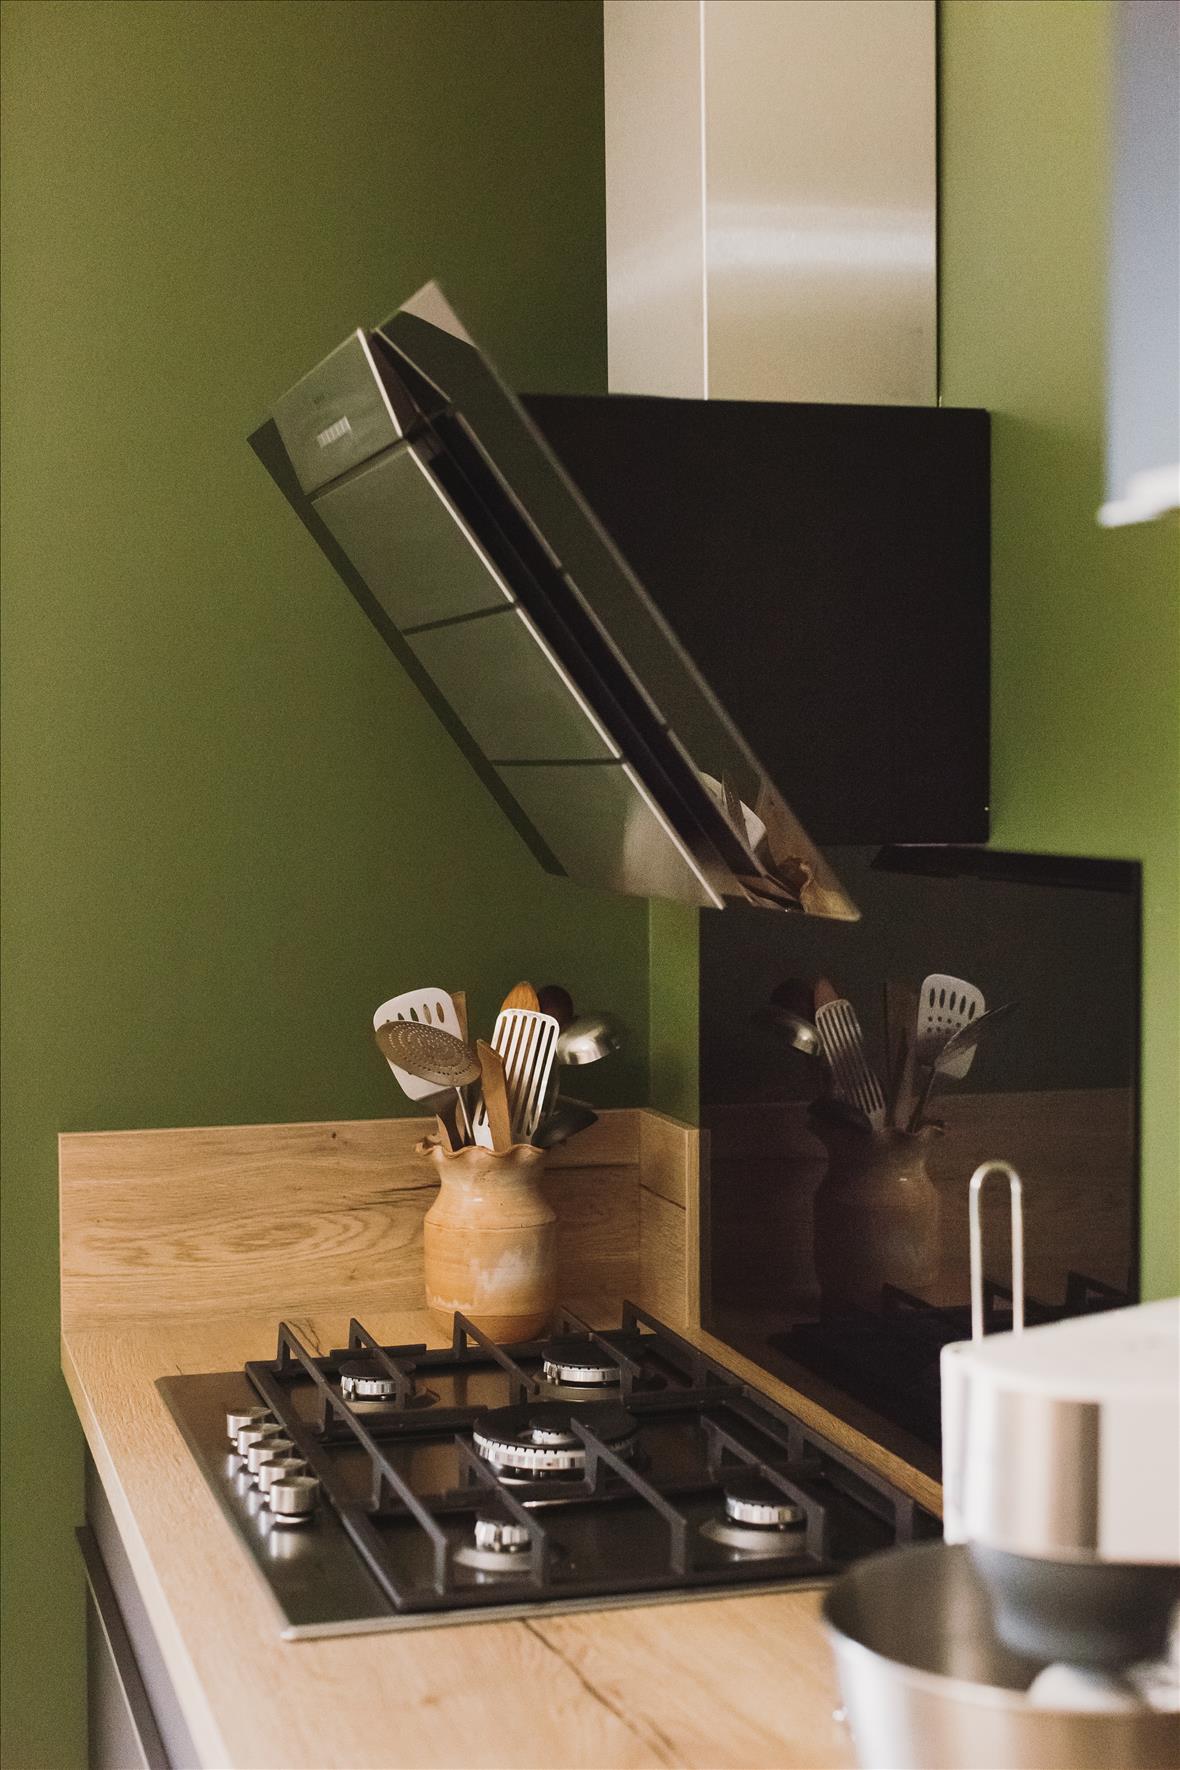 Cuisine de style contemporain bois  par Vanessa GERAUX | Raison Home - 6